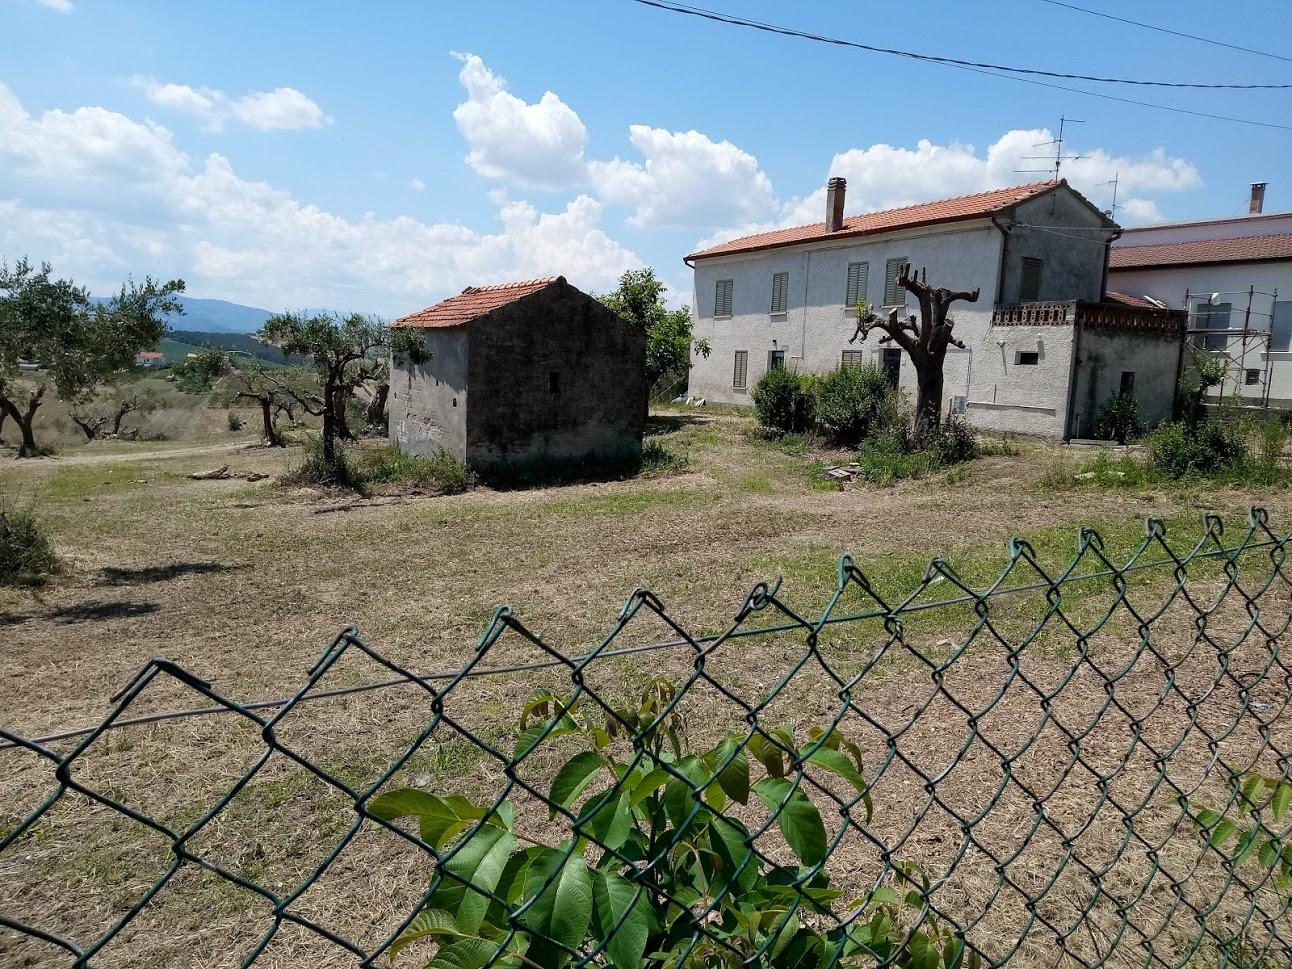 rif 929 – Scerni (CH) – Casolare con giardino e terreno ed- € 100.000